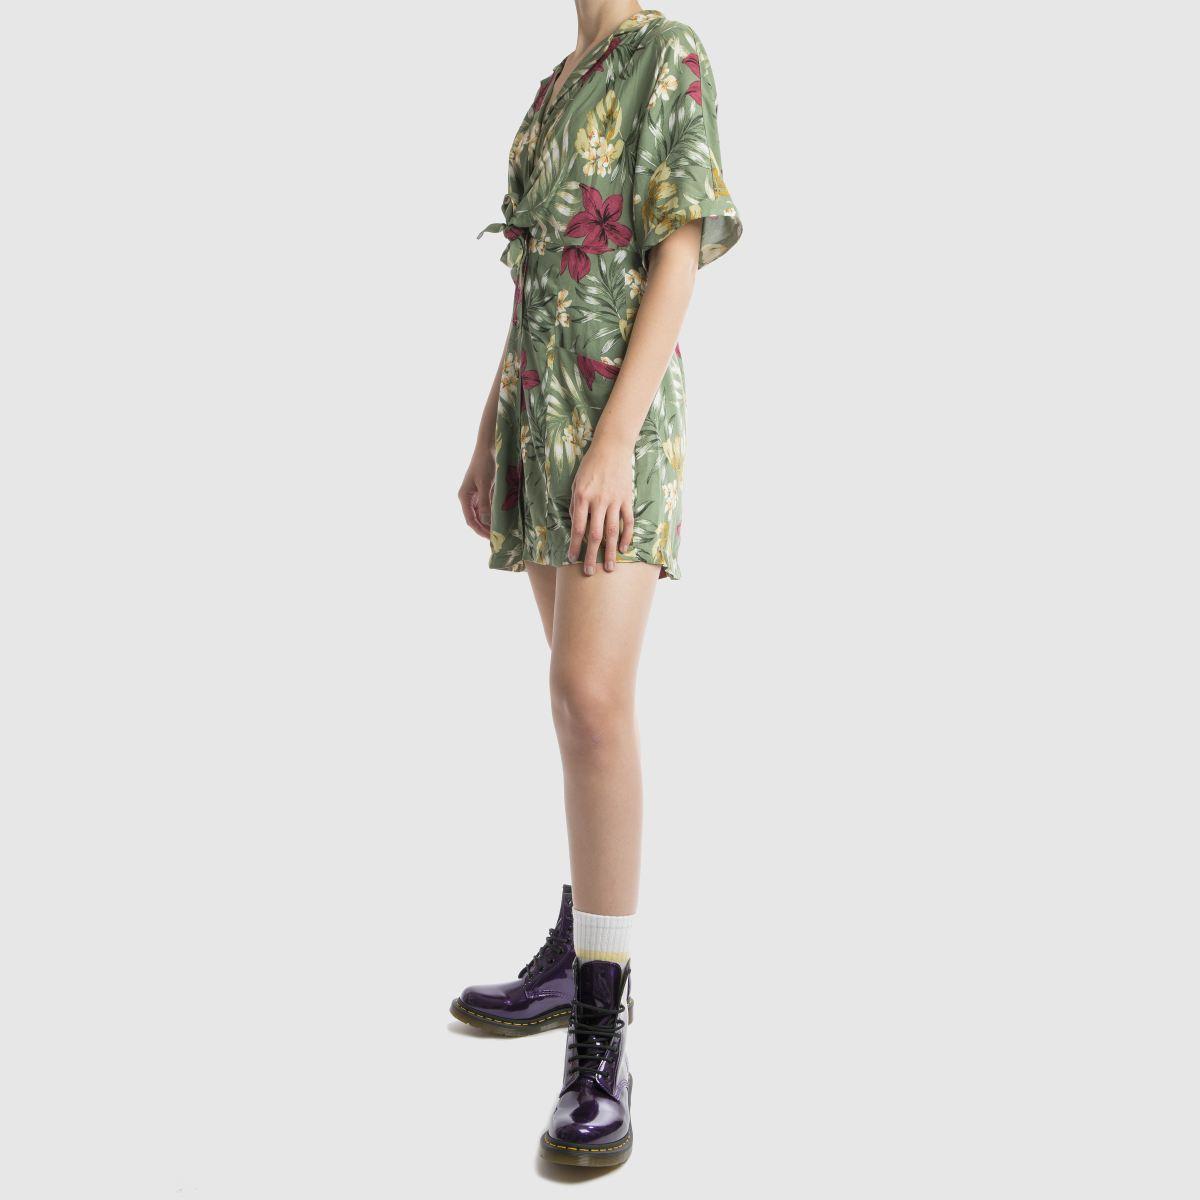 Damen Violett dr 8 martens 1460 Vegan Chrome 8 dr Eye Boots | schuh Gute Qualität beliebte Schuhe 58a984